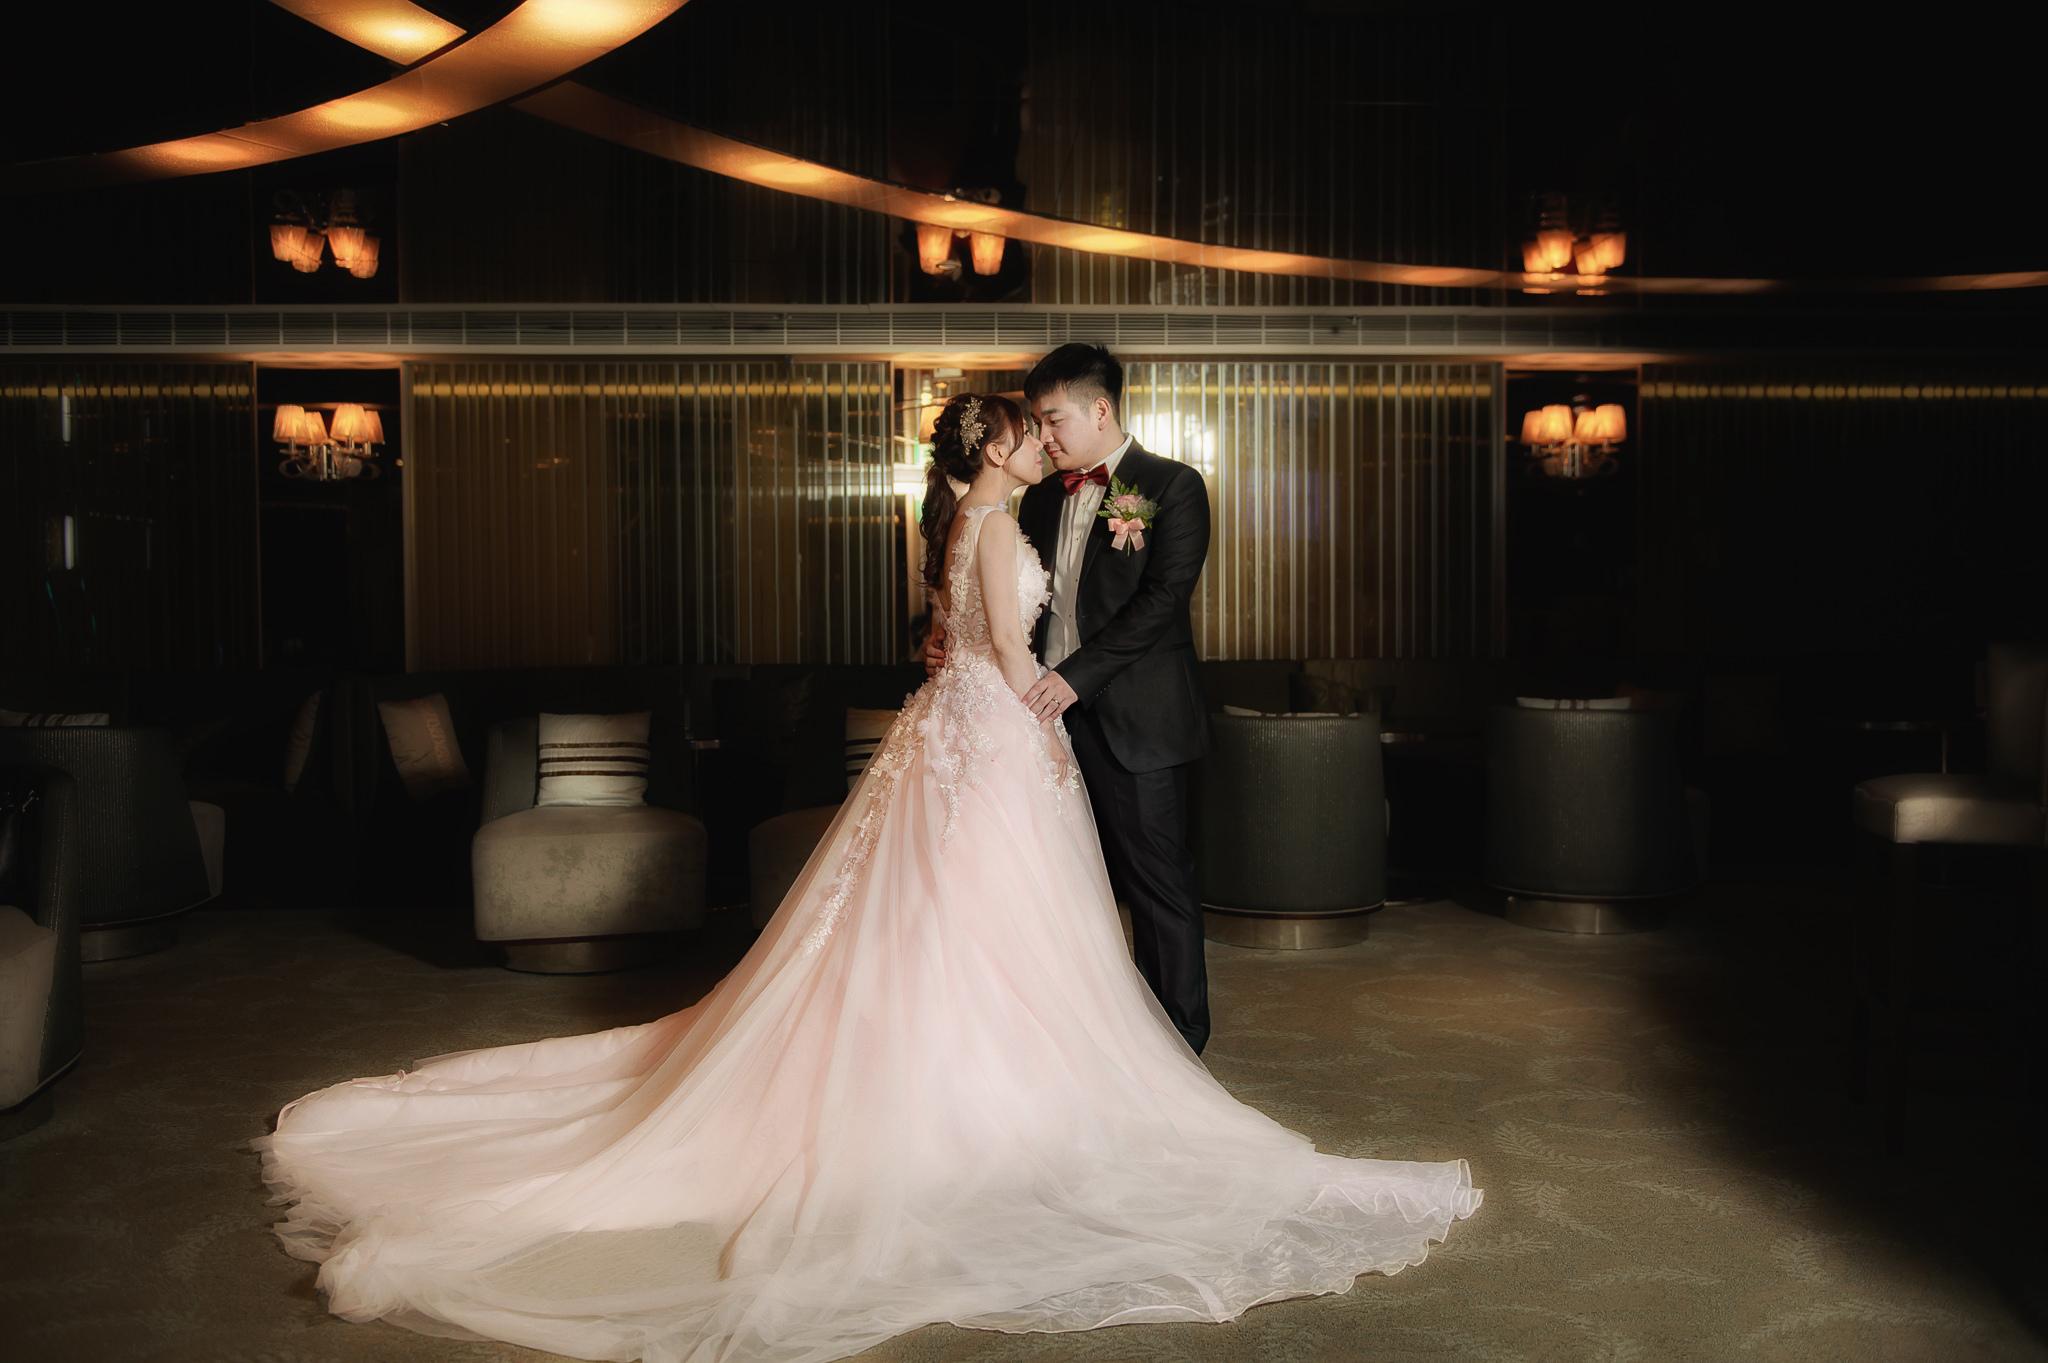 高雄翰品酒店,台中婚攝,高雄婚攝,婚禮攝影,Nenchis